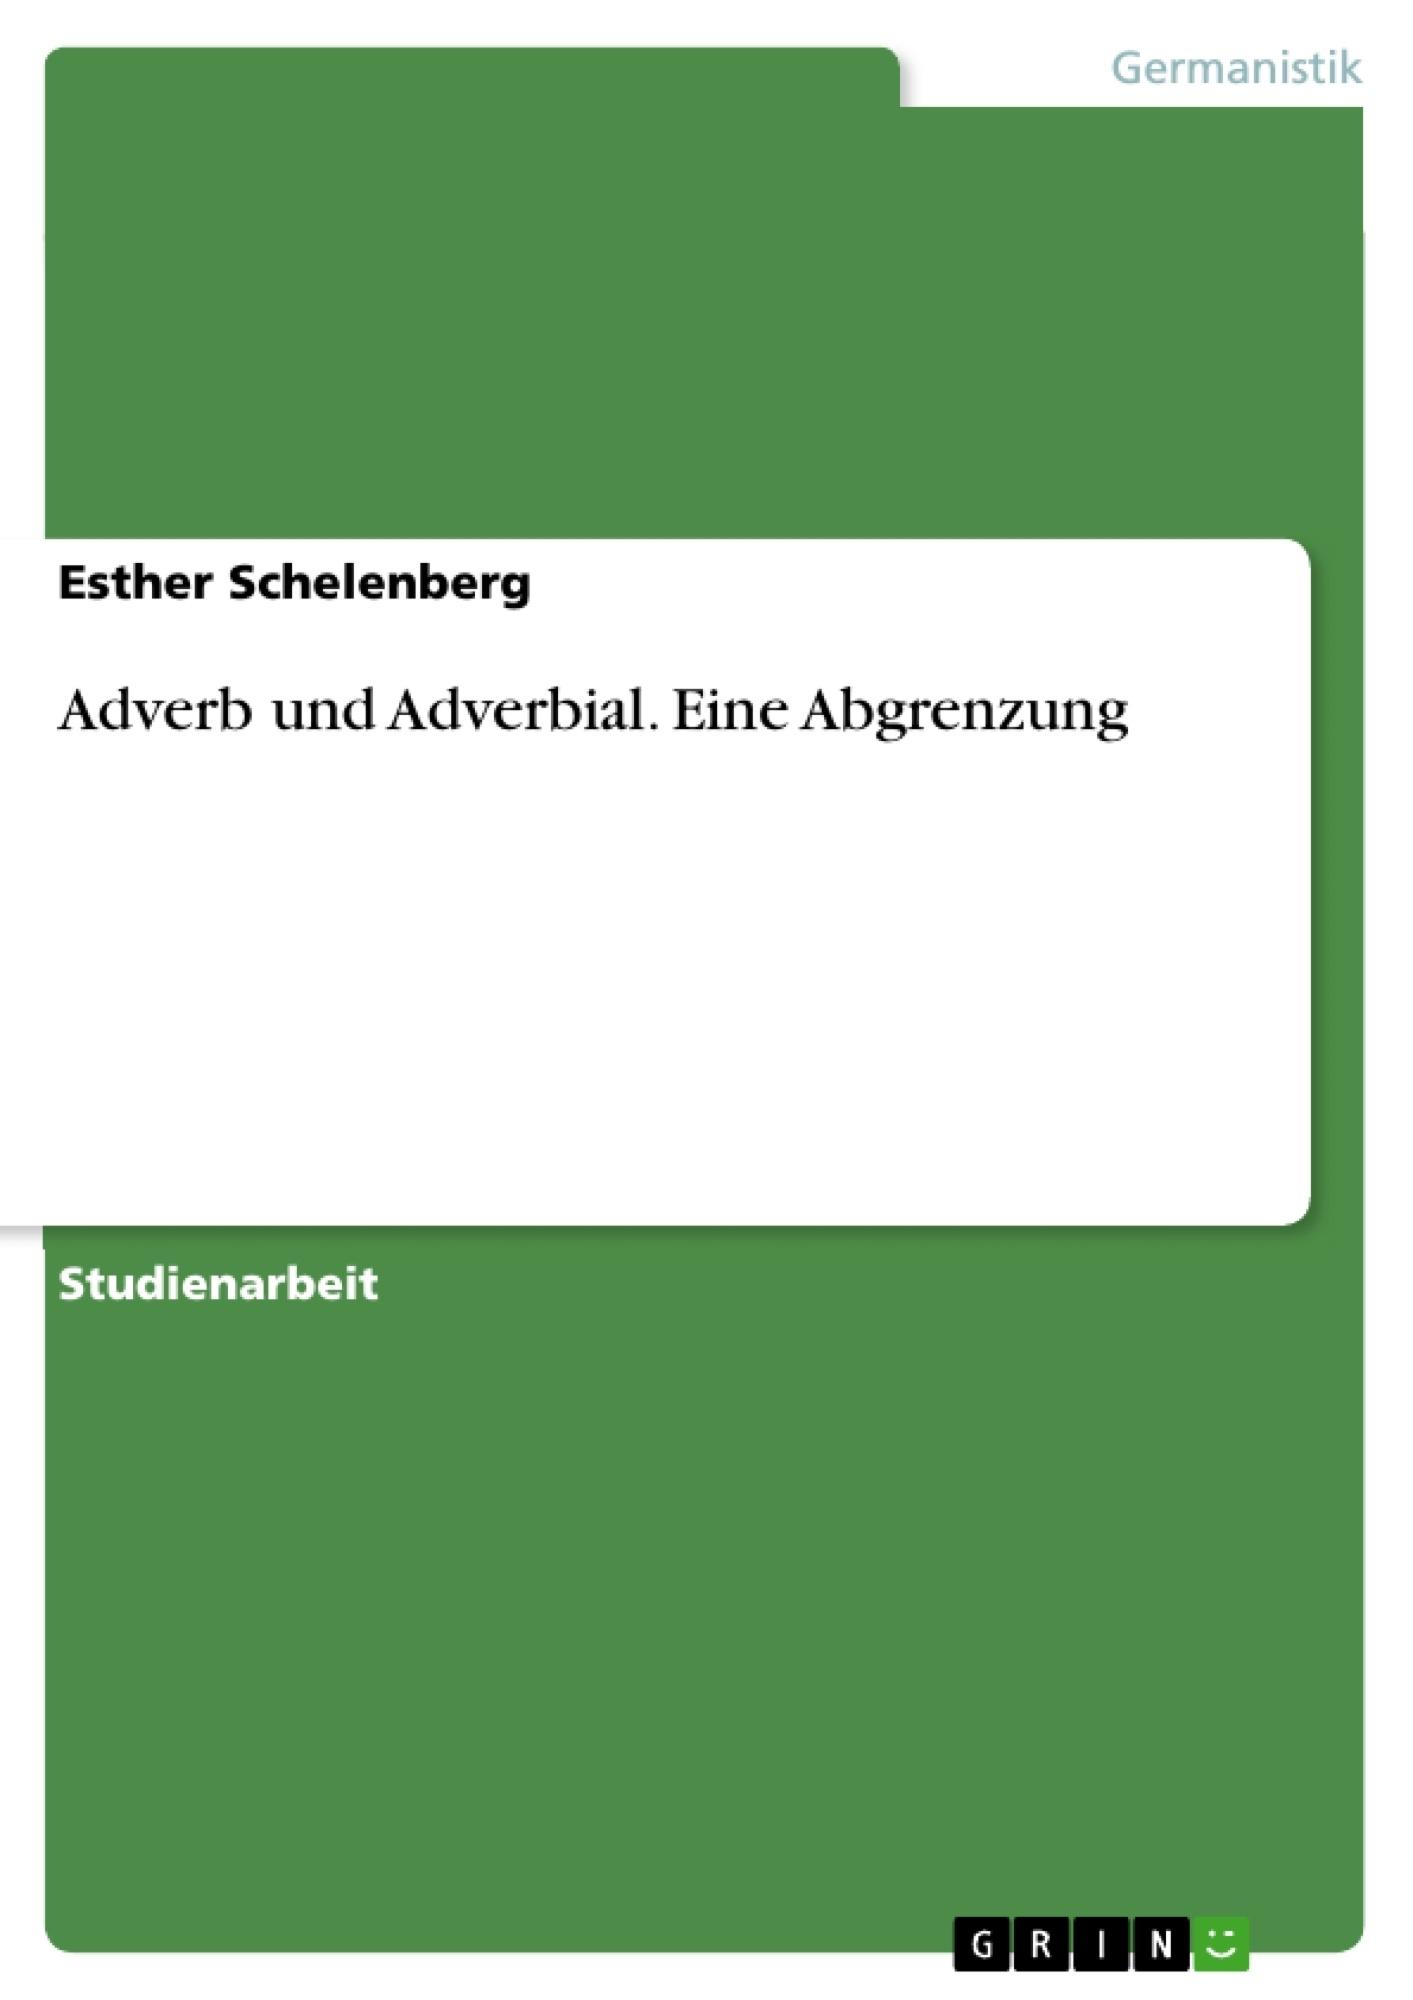 Titel: Adverb und Adverbial. Eine Abgrenzung